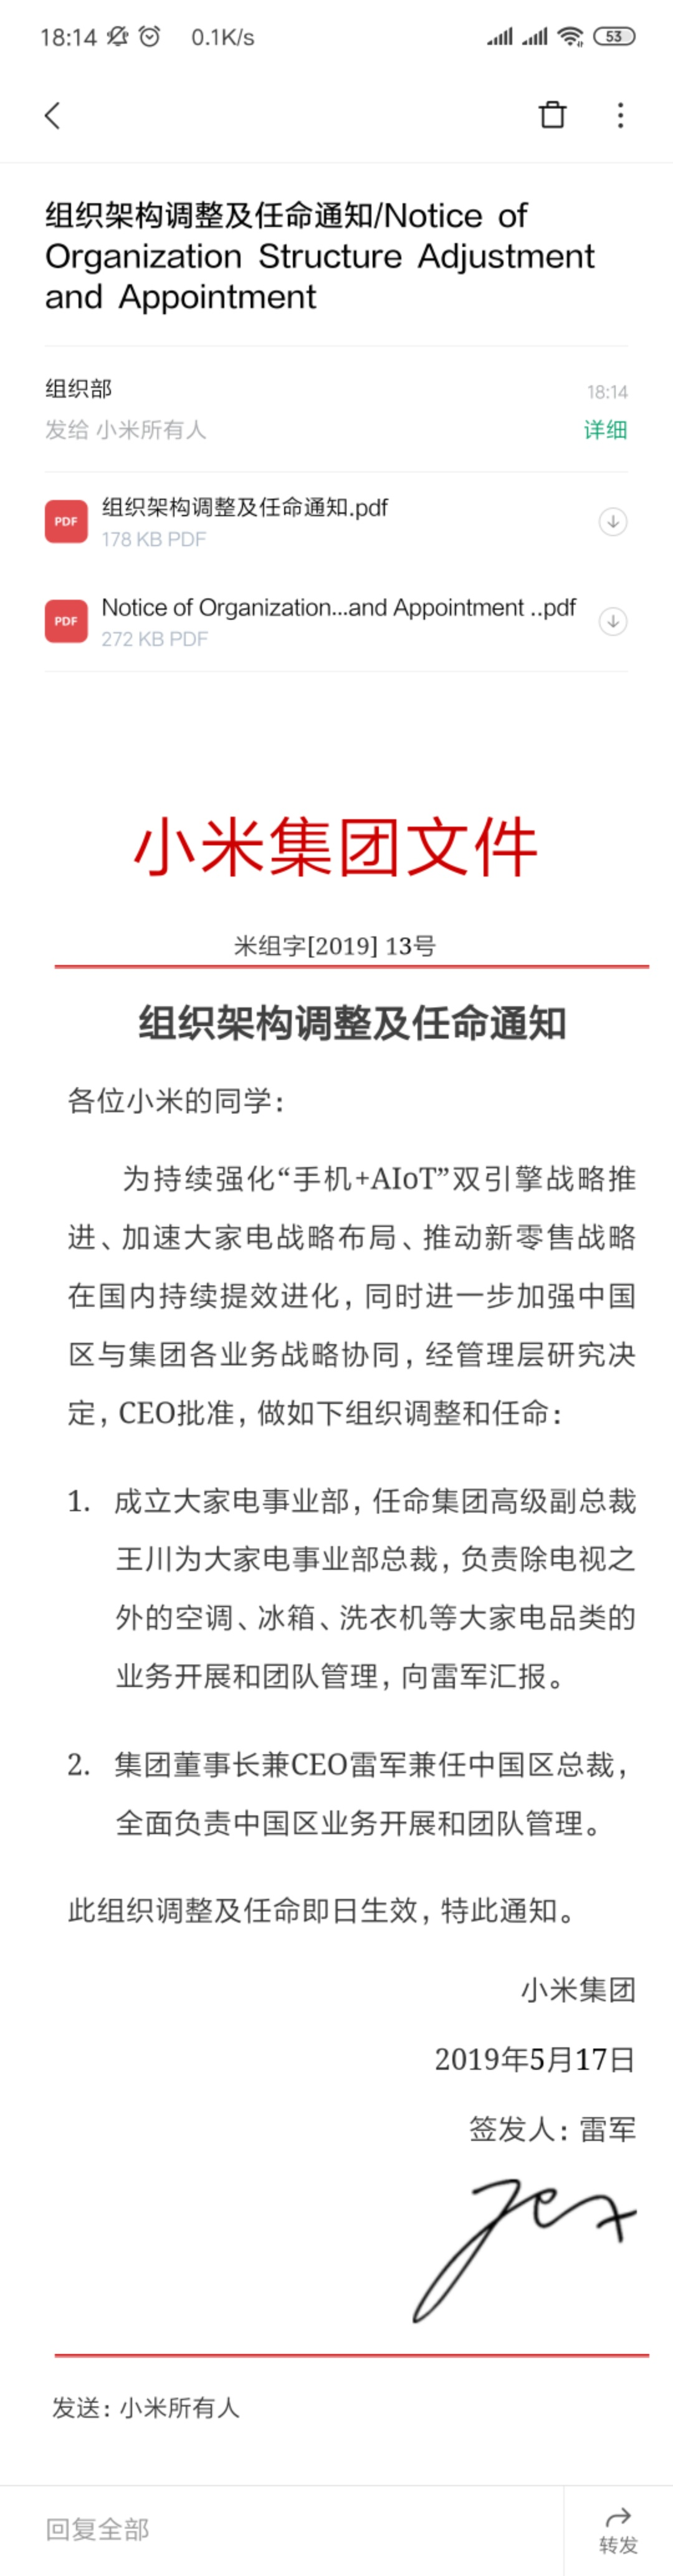 小米组织架构调整:雷军兼任中国区总裁